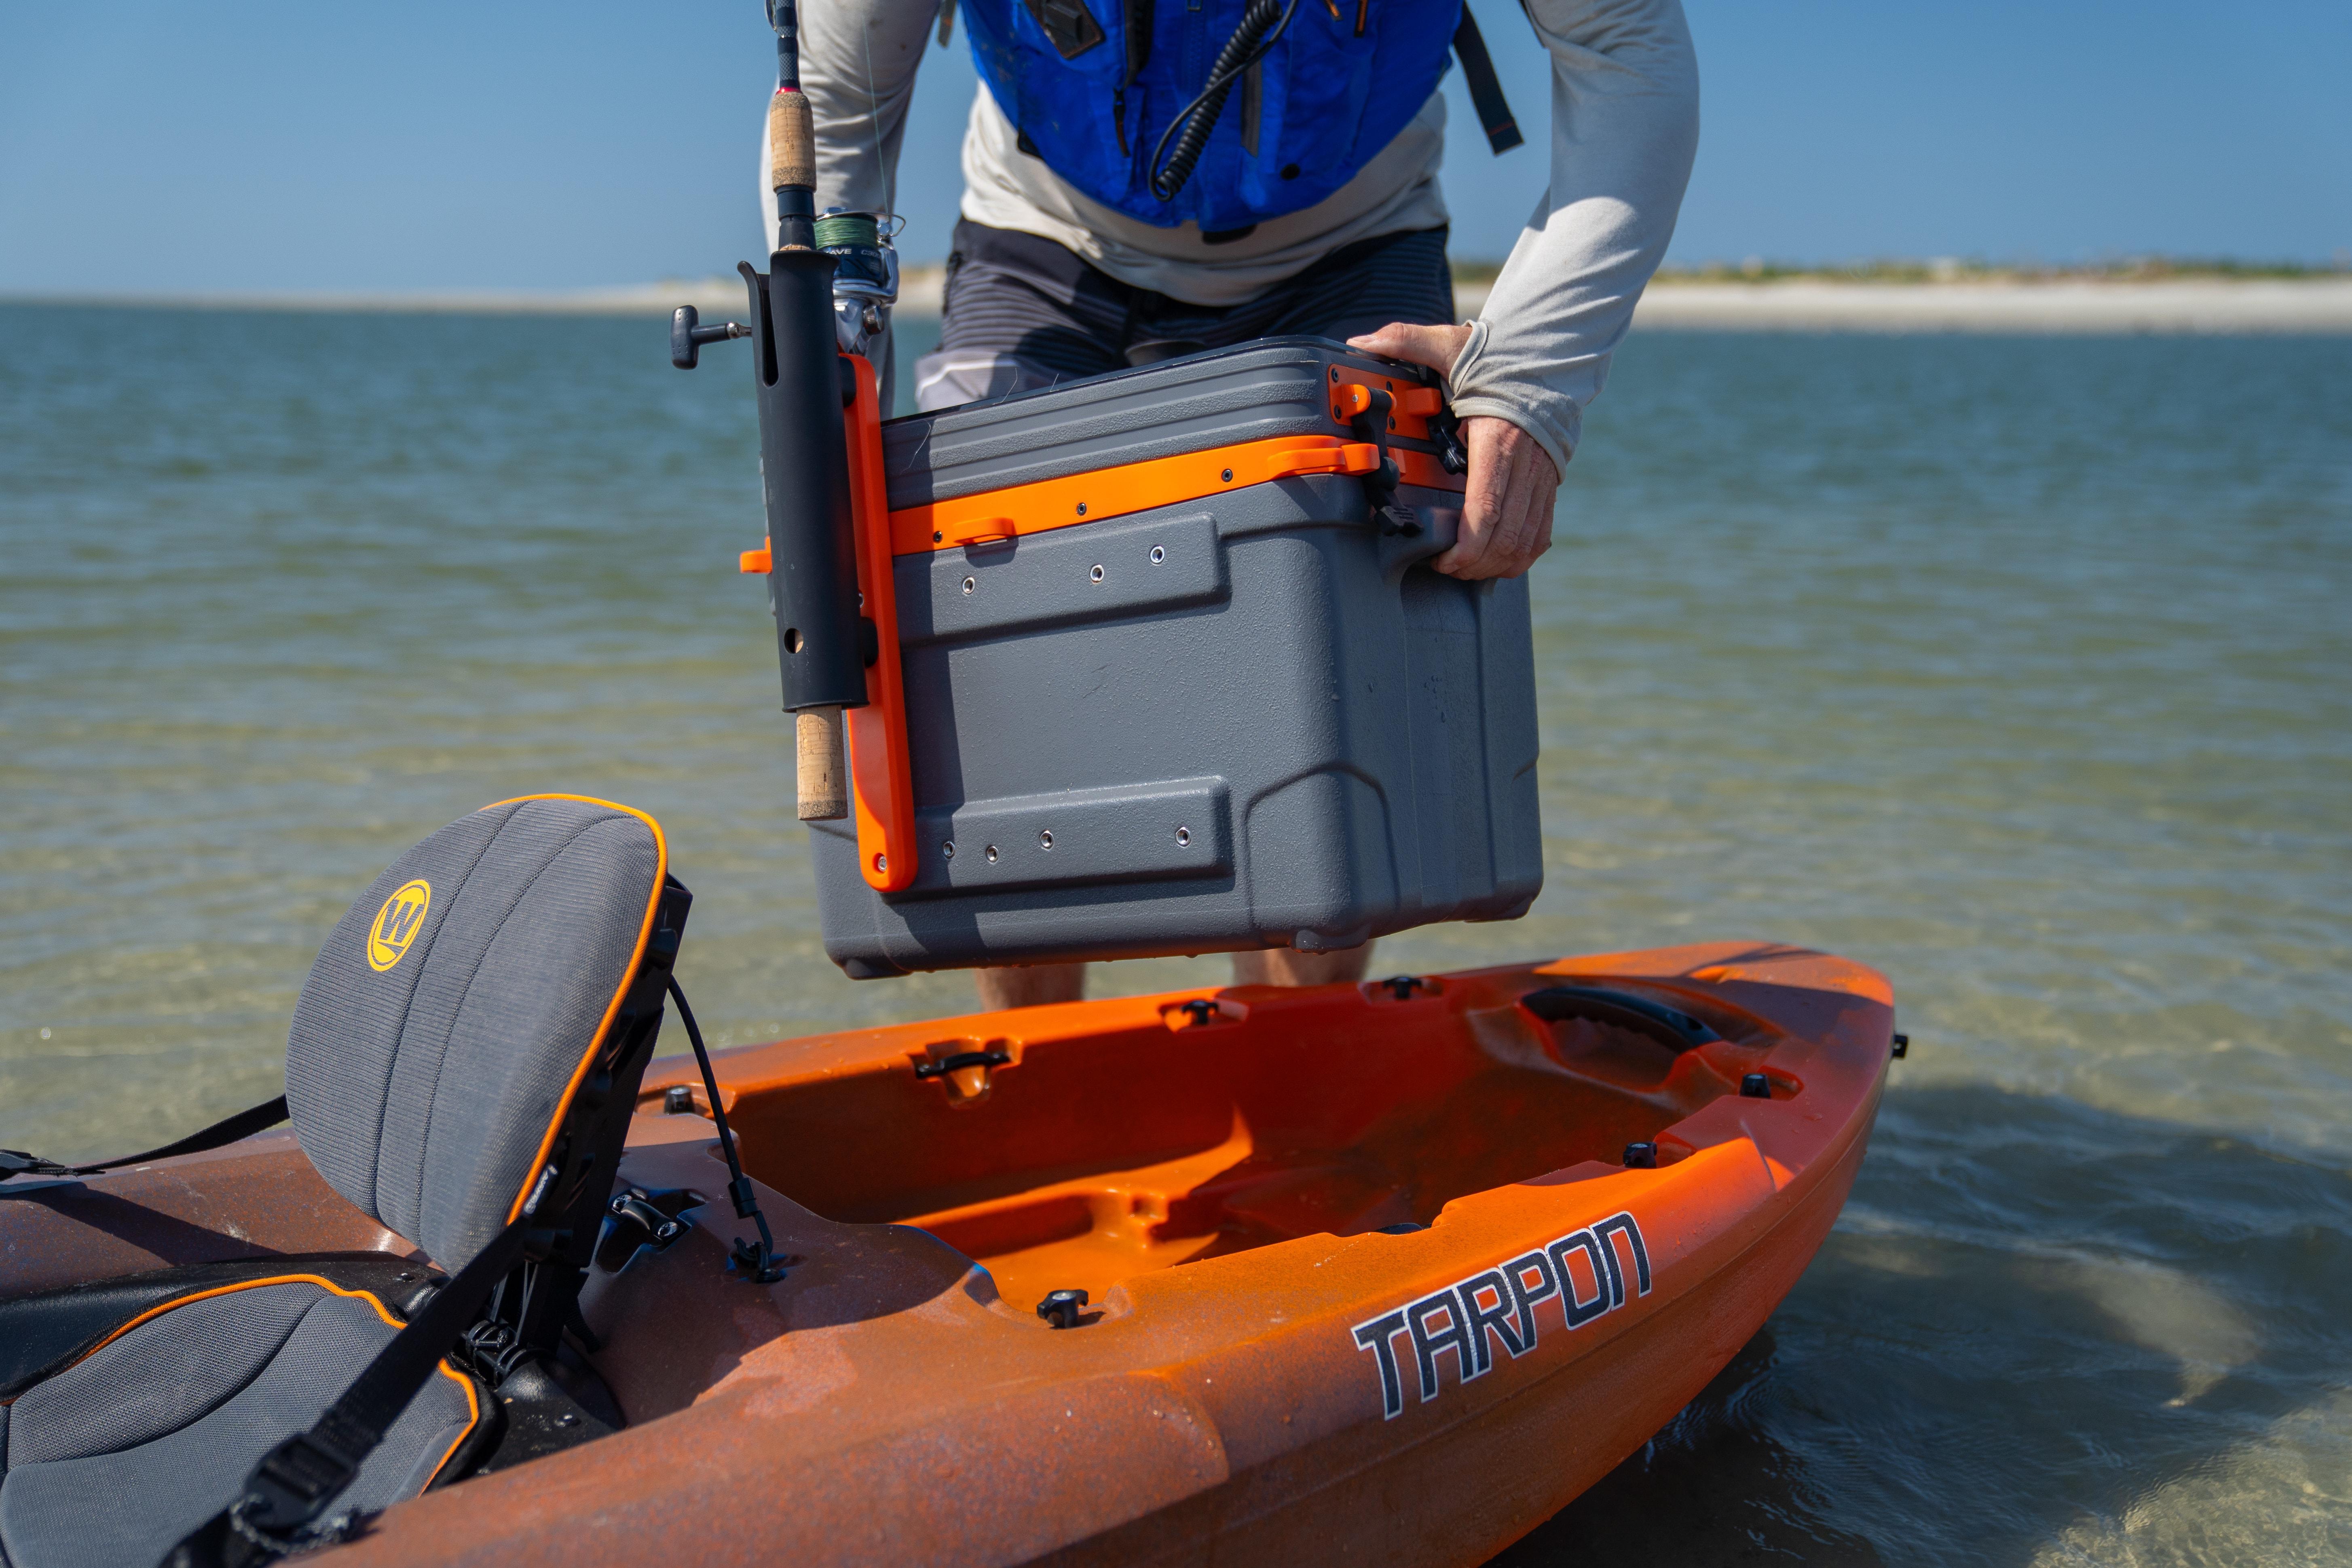 Stern Storage Tankewell - Tarpon 120 Kayak